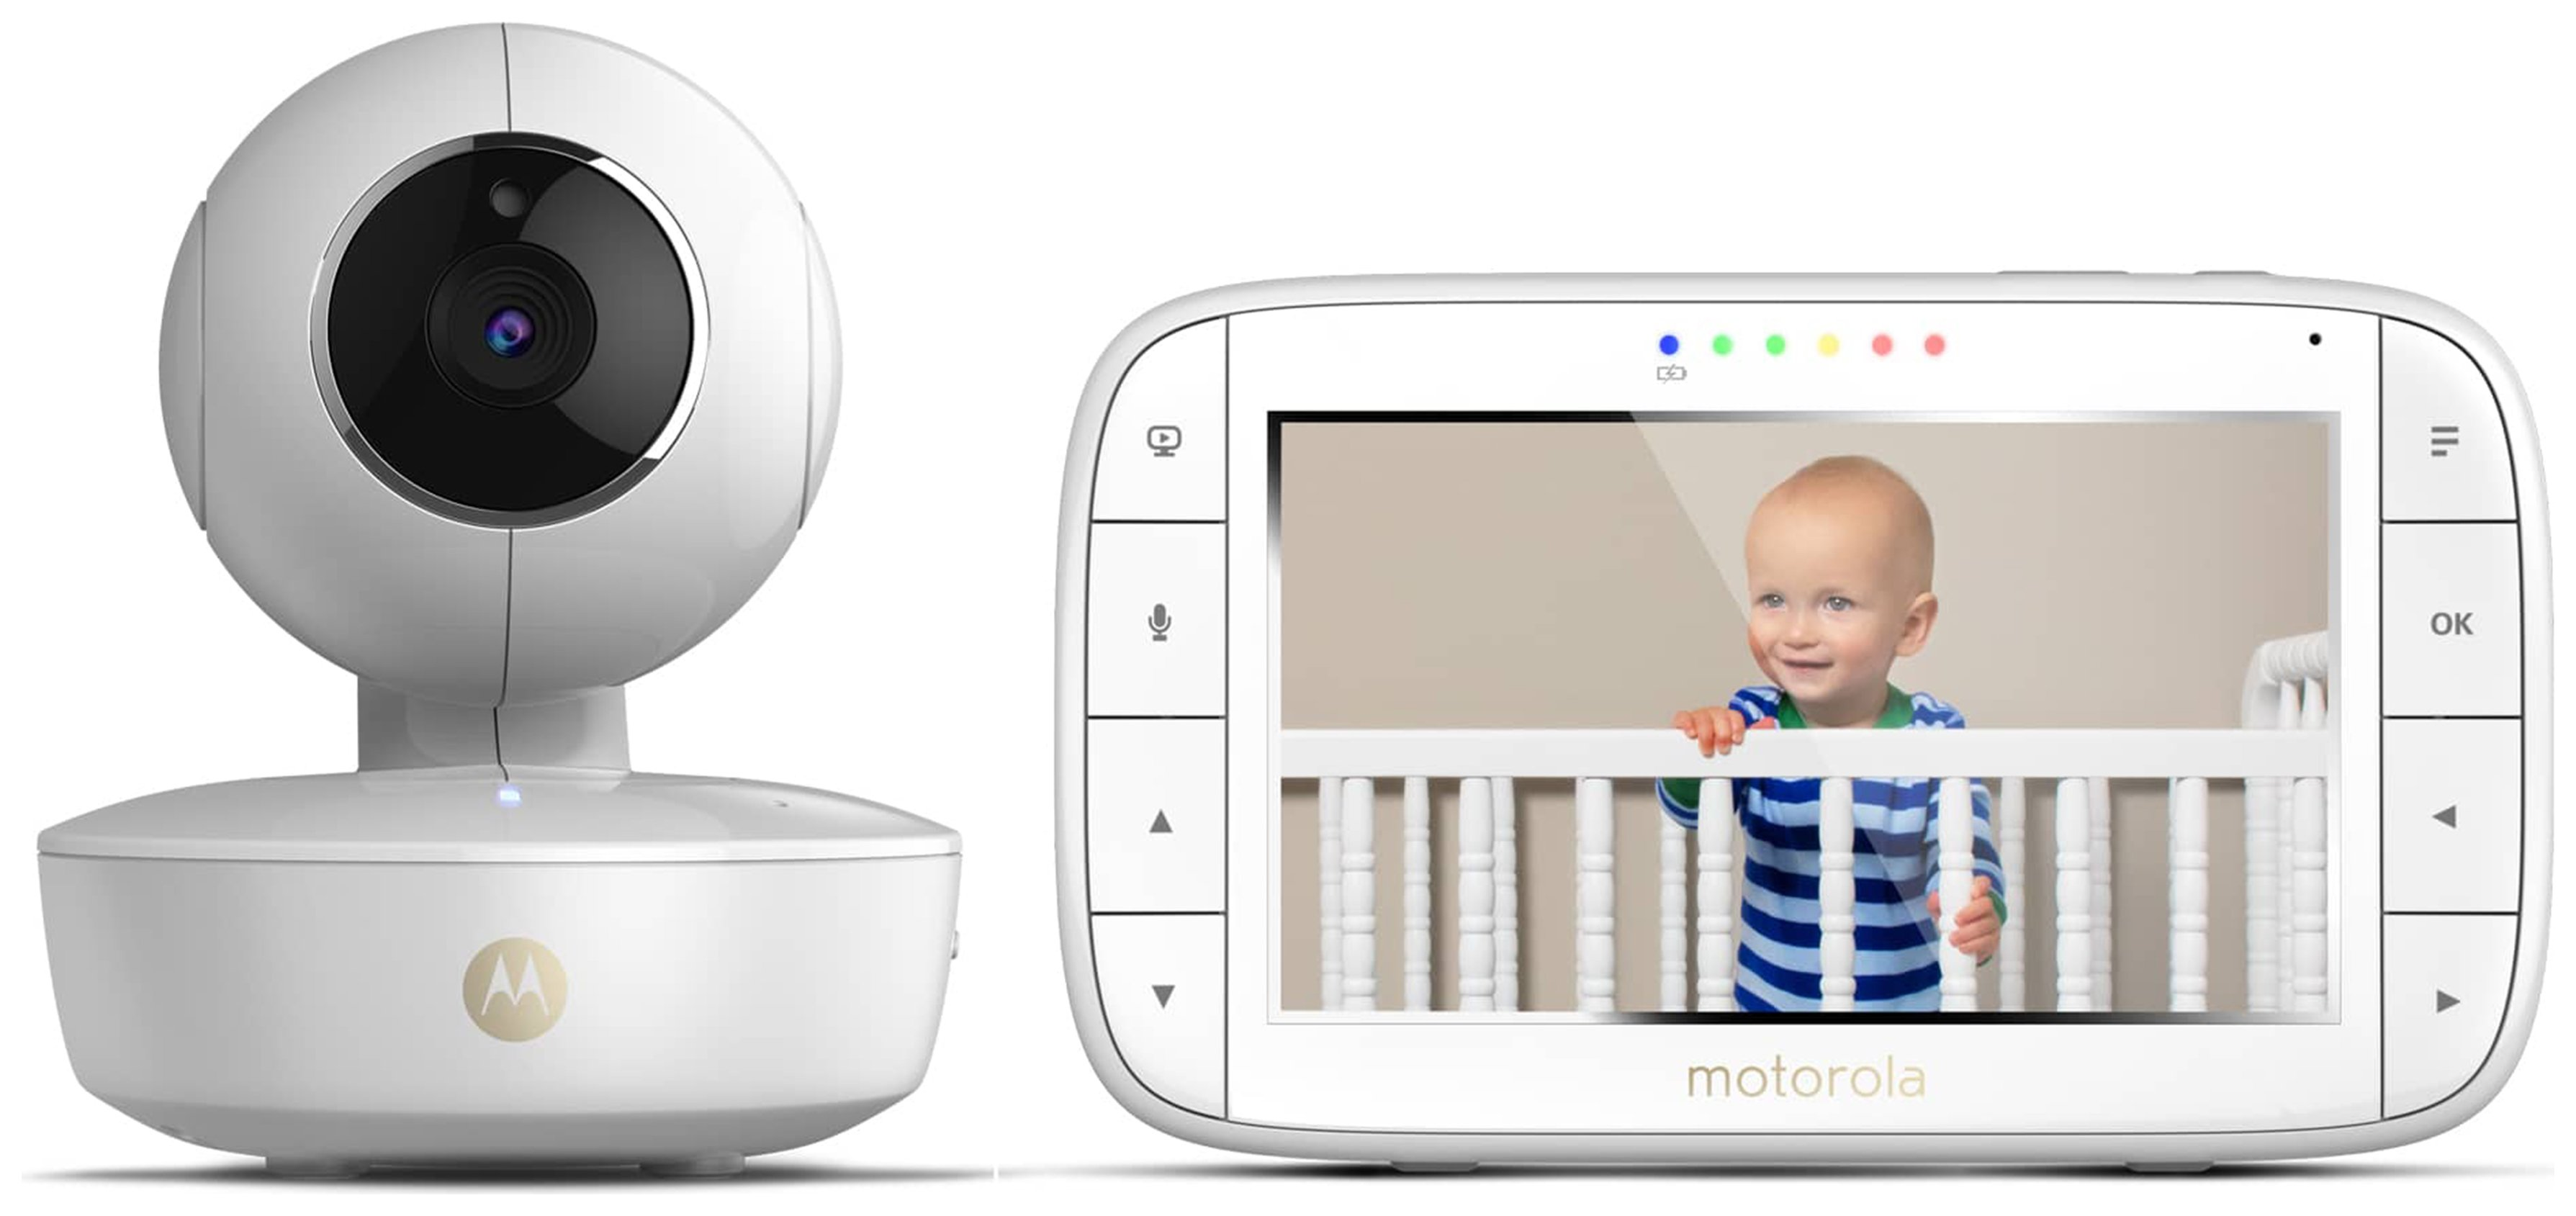 Motorola MBP36XL 5 Video Baby Monitor